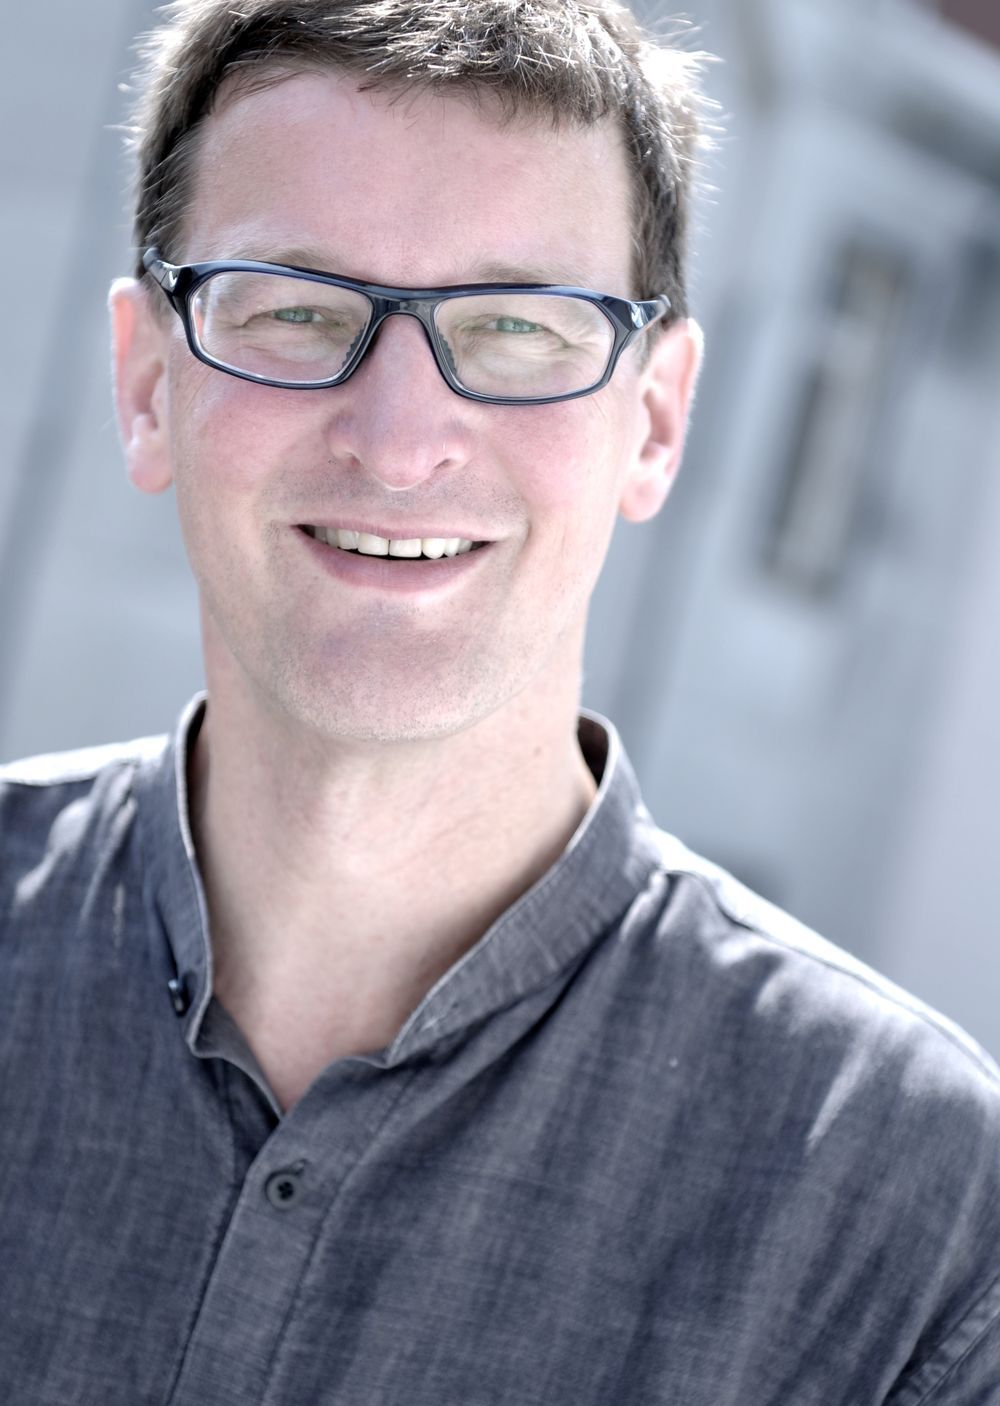 Martin elbeshausen